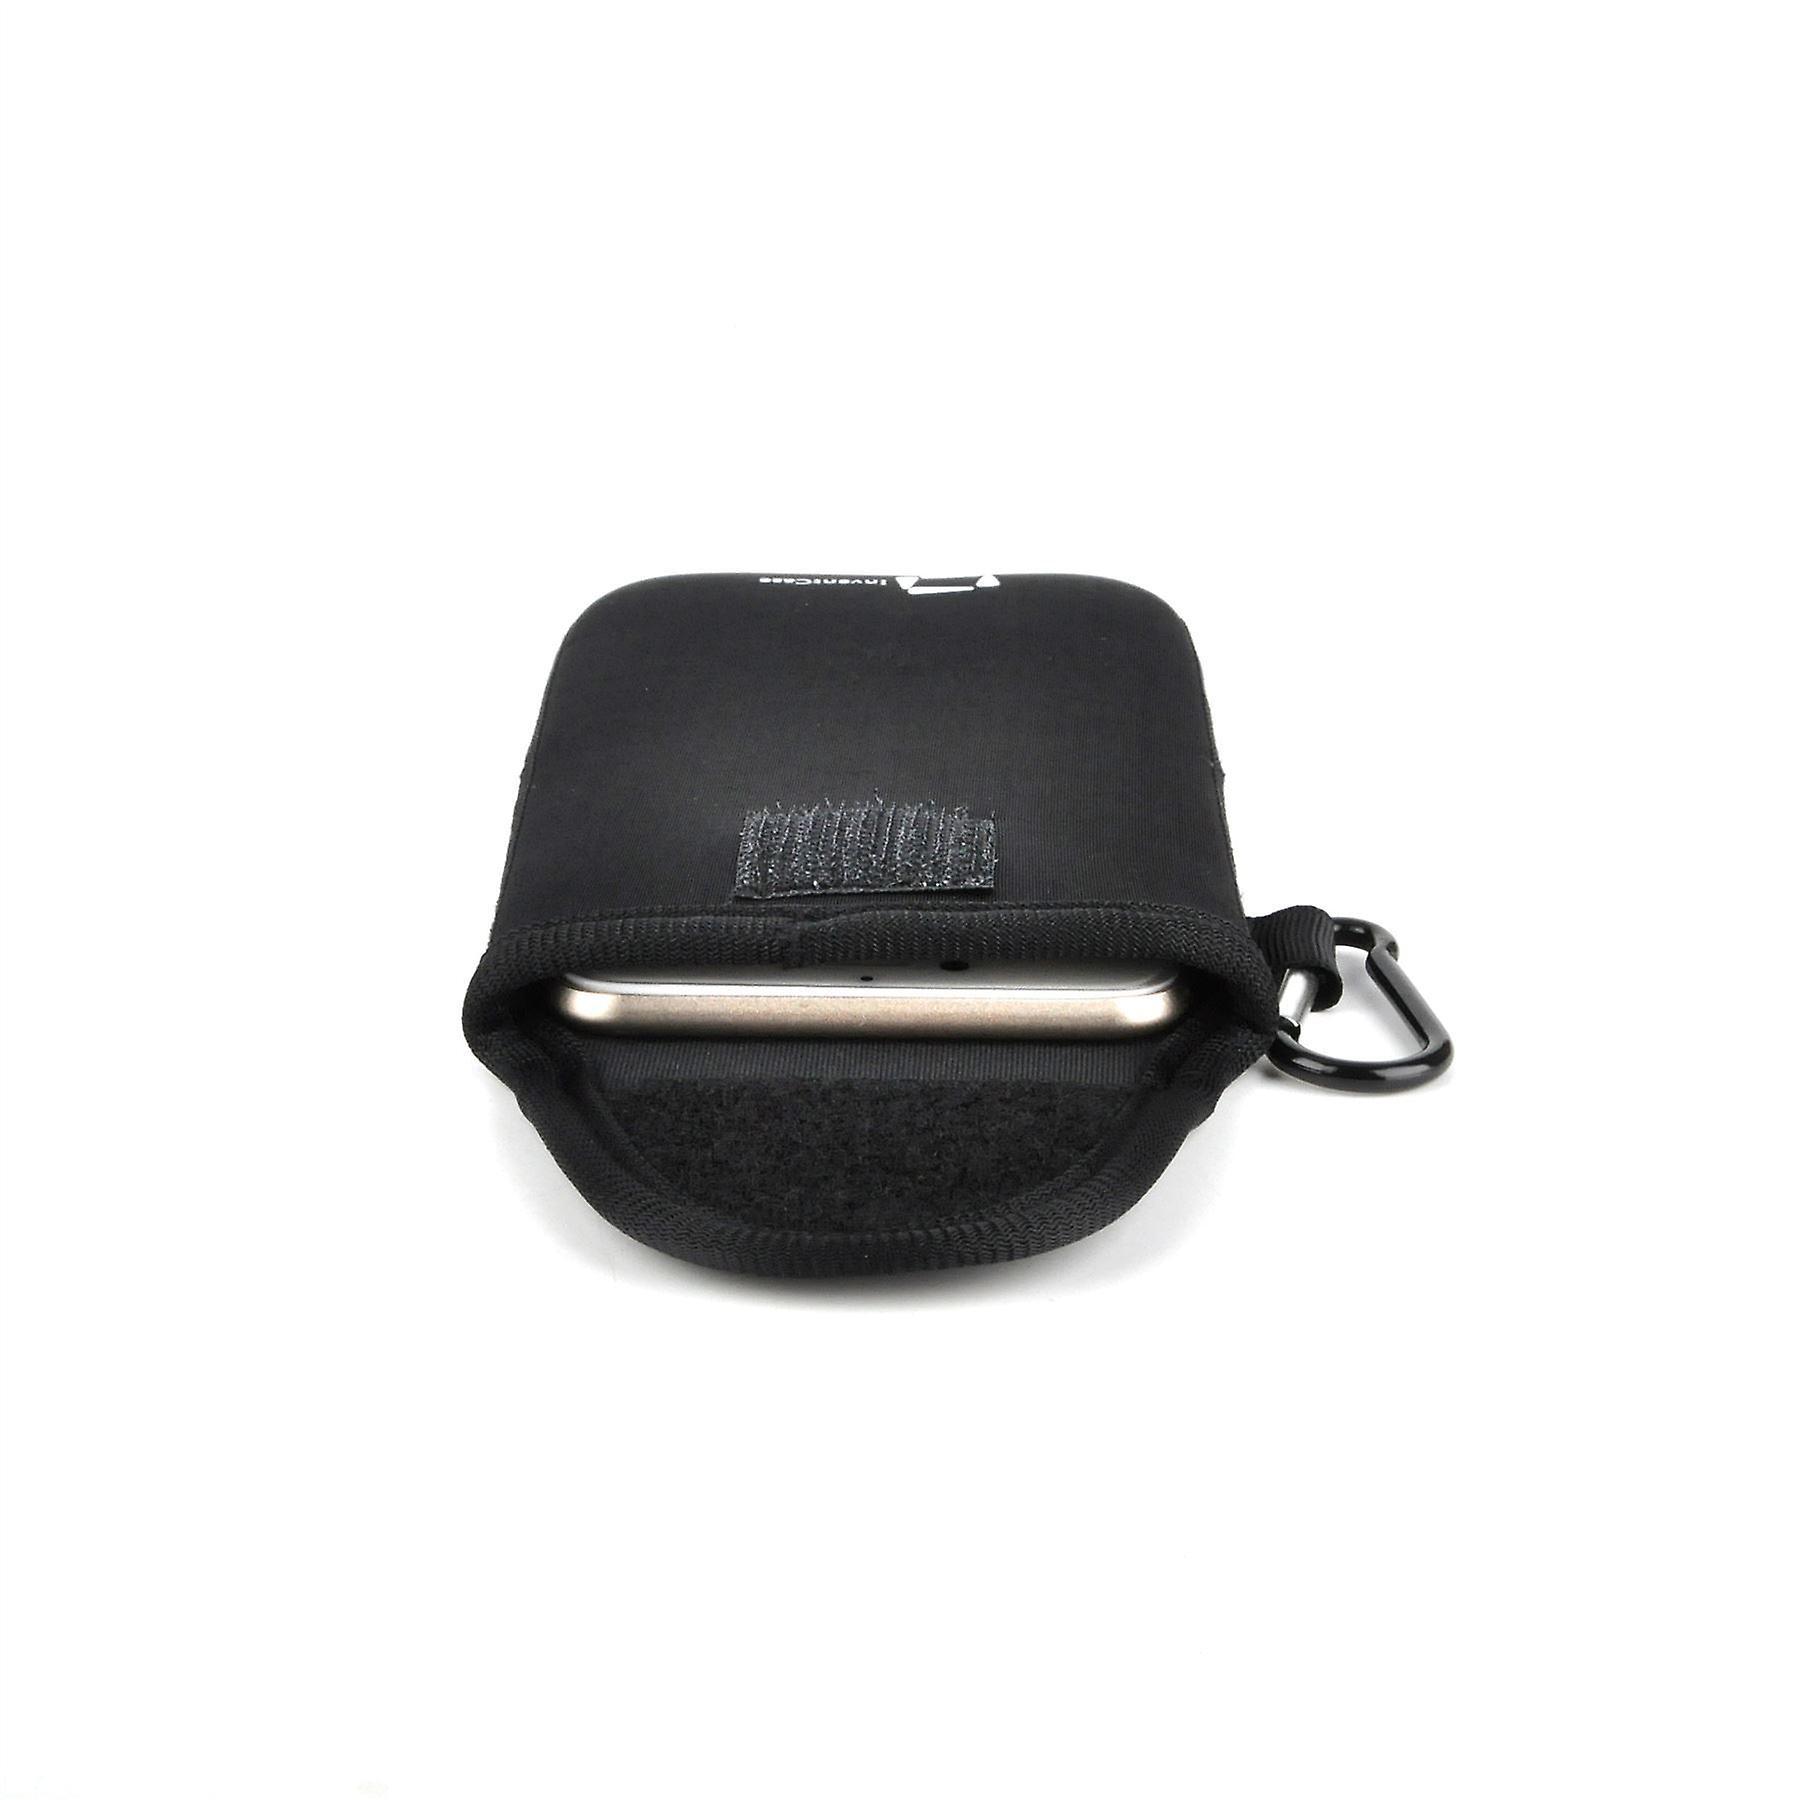 كيس تغطية القضية الحقيبة واقية مقاومة لتأثير النيوبرين إينفينتكاسي مع إغلاق Velcro و Carabiner الألومنيوم لهتك واحد العاشر--الأسود